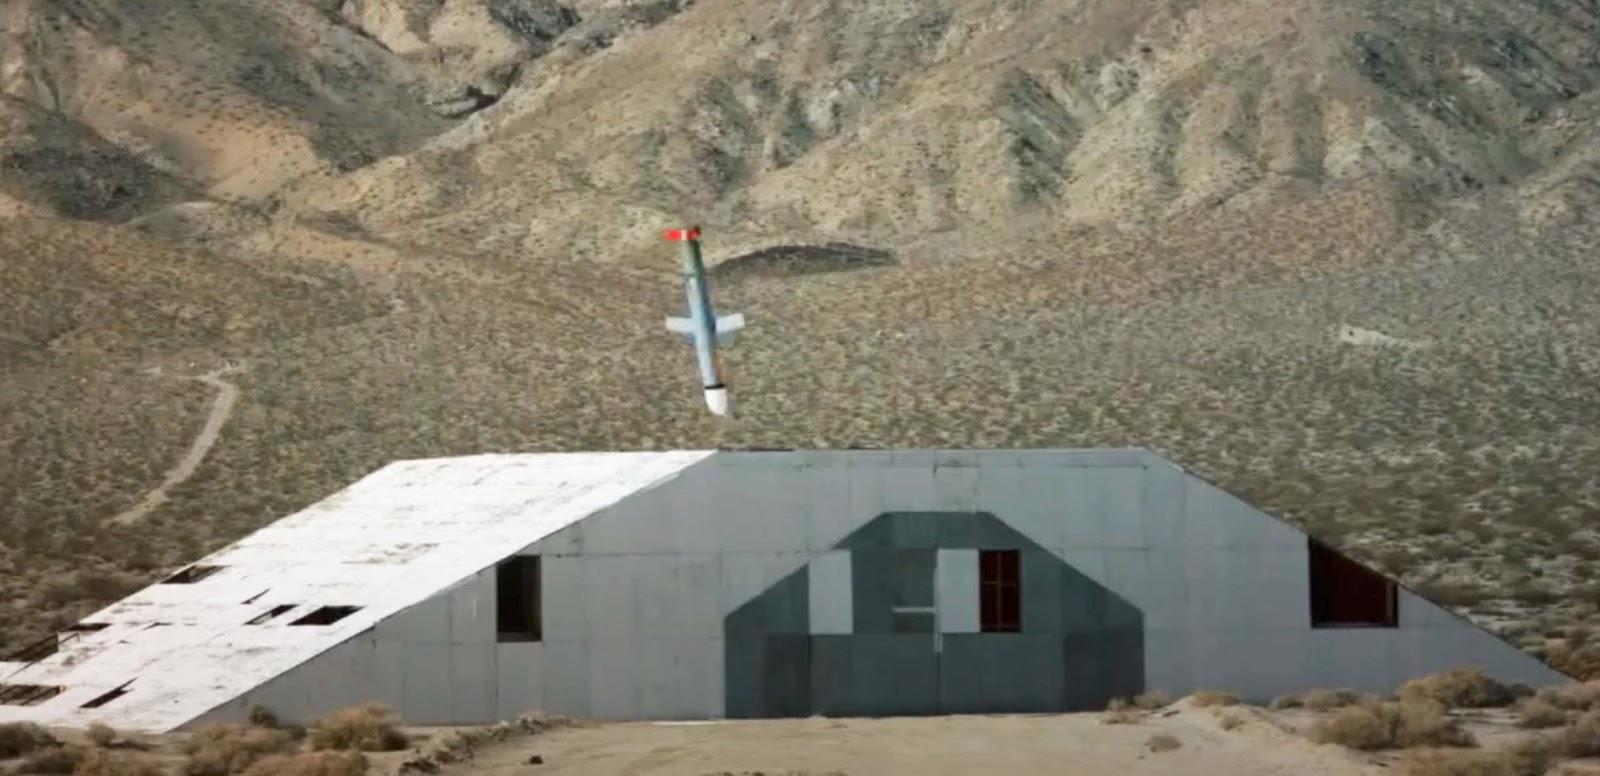 RGM-109 Tomahawk